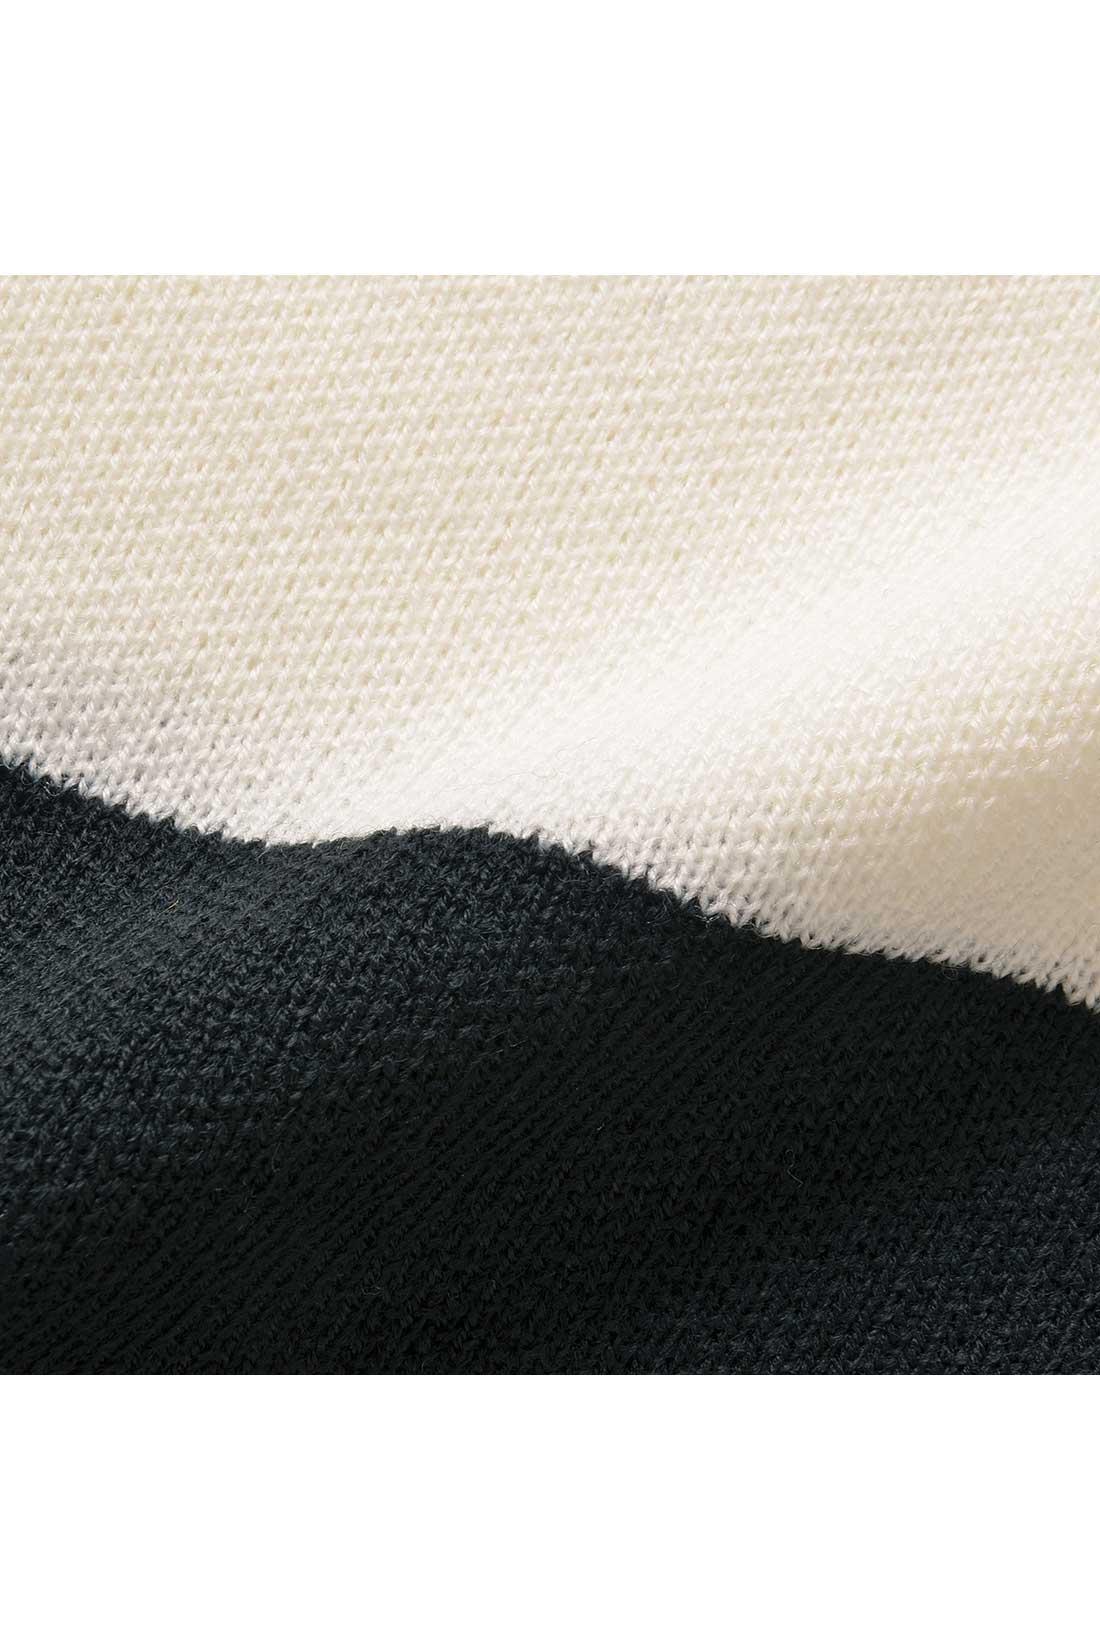 しっかり目の詰まったミラノリブは、厚みがあって暖か。きれいめな印象です。